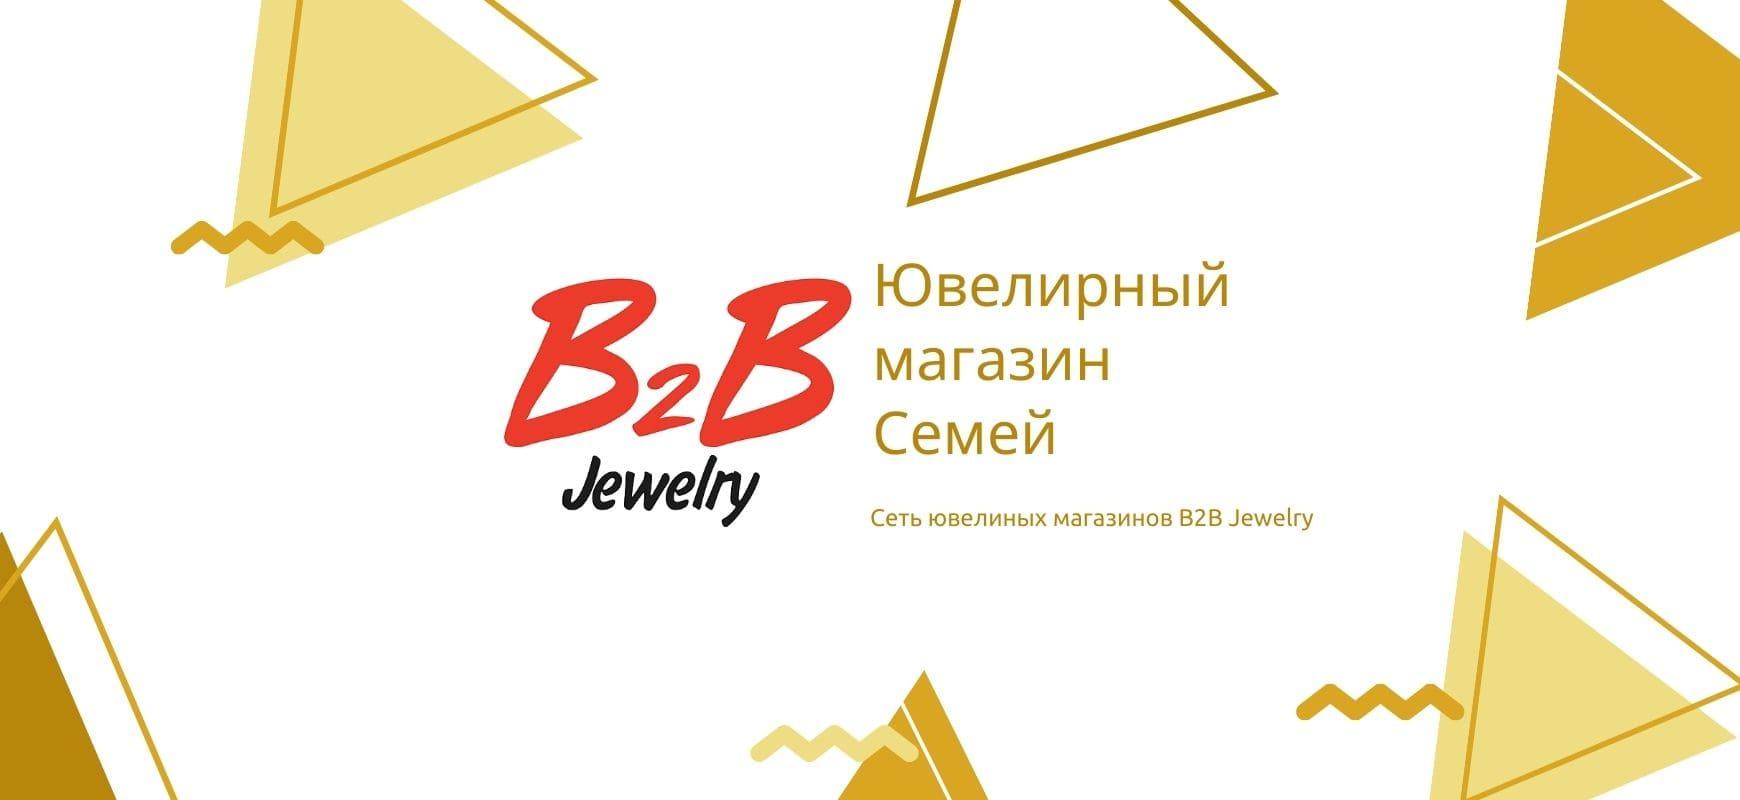 B2B JEWELRY СЕМЕЙ